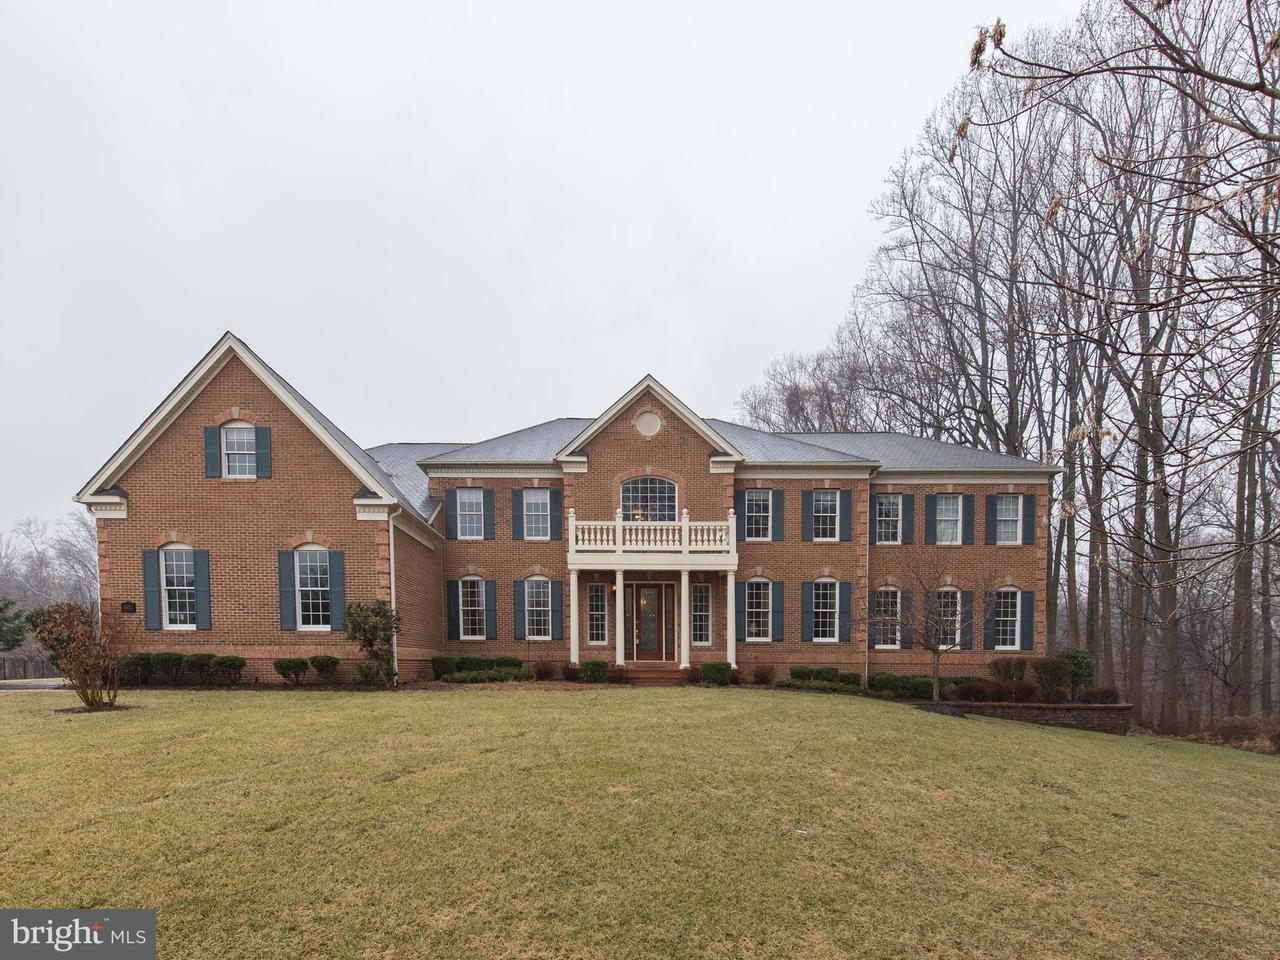 Частный односемейный дом для того Продажа на 11627 Fox Chase Court 11627 Fox Chase Court Ellicott City, Мэриленд 21042 Соединенные Штаты